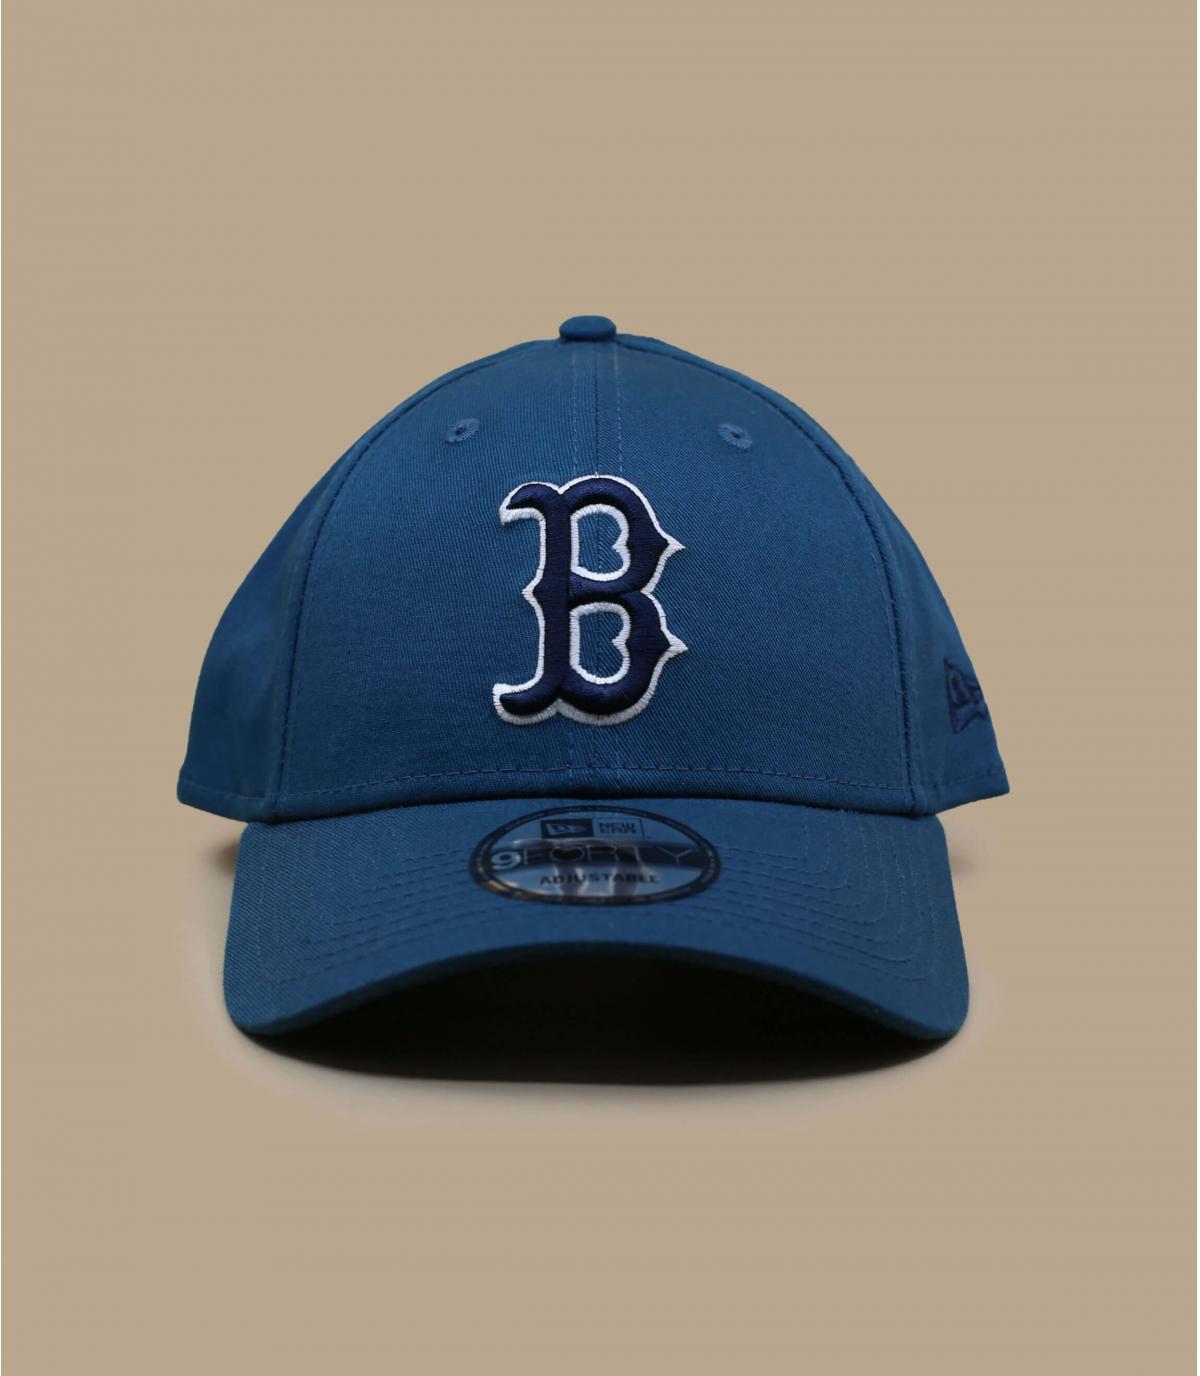 Détails Casquette League Ess Boston 940 cadet blue navy - image 2